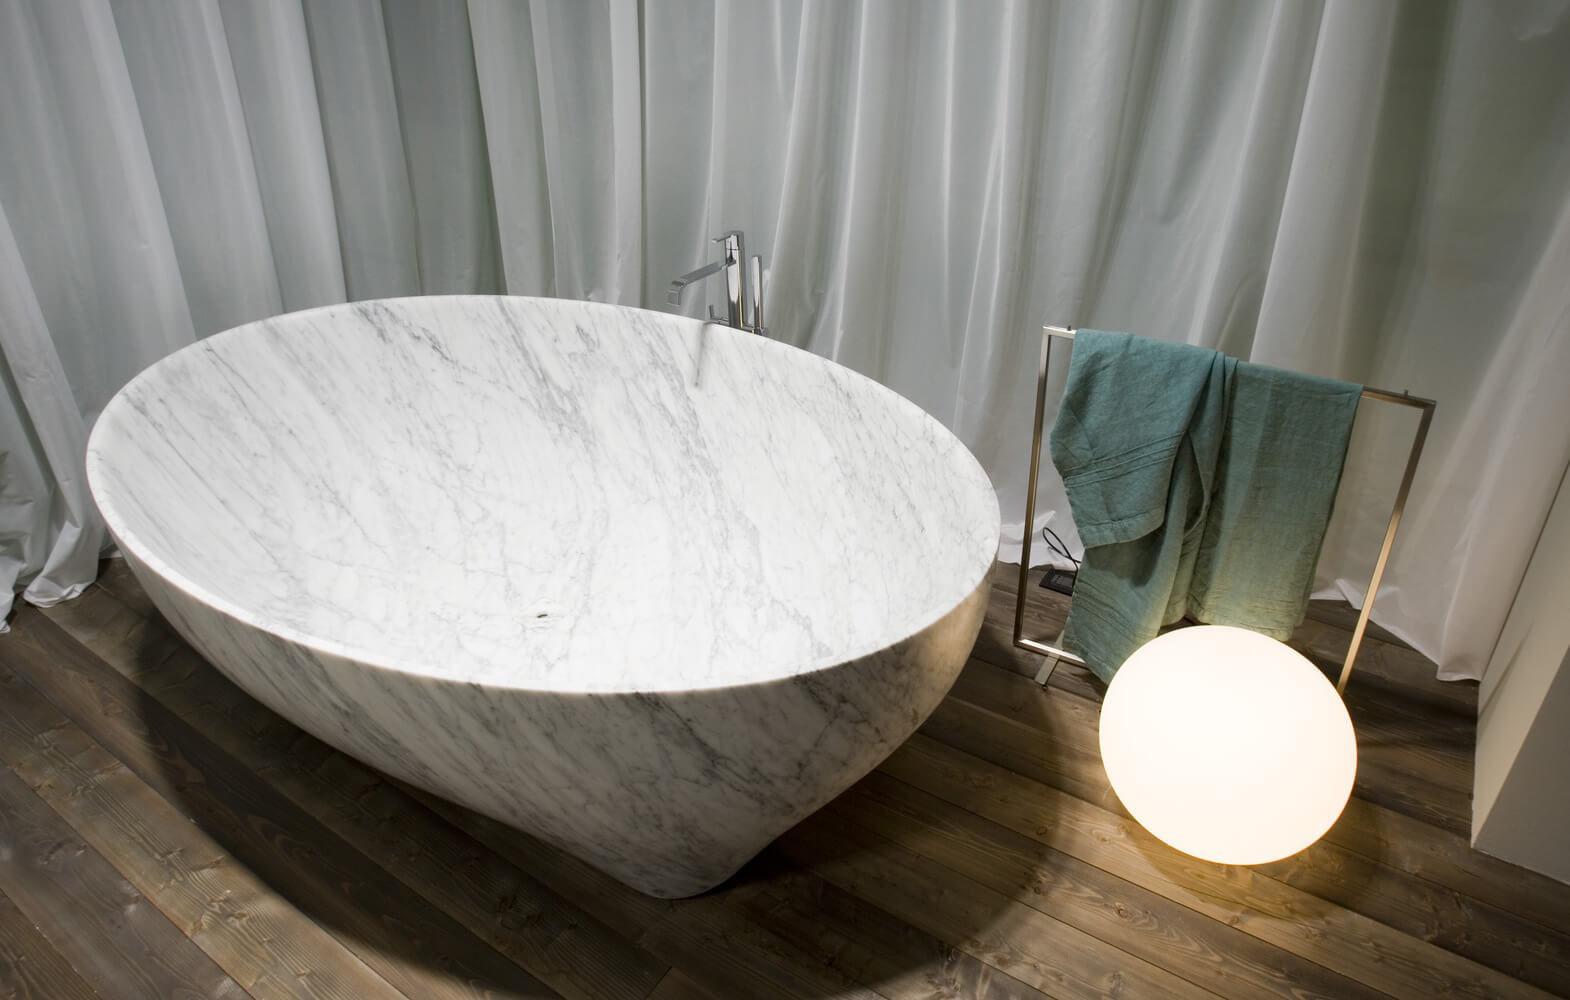 Vasca Da Bagno Plastica : Vasca da bagno da appoggio ovale in marmo in plastica